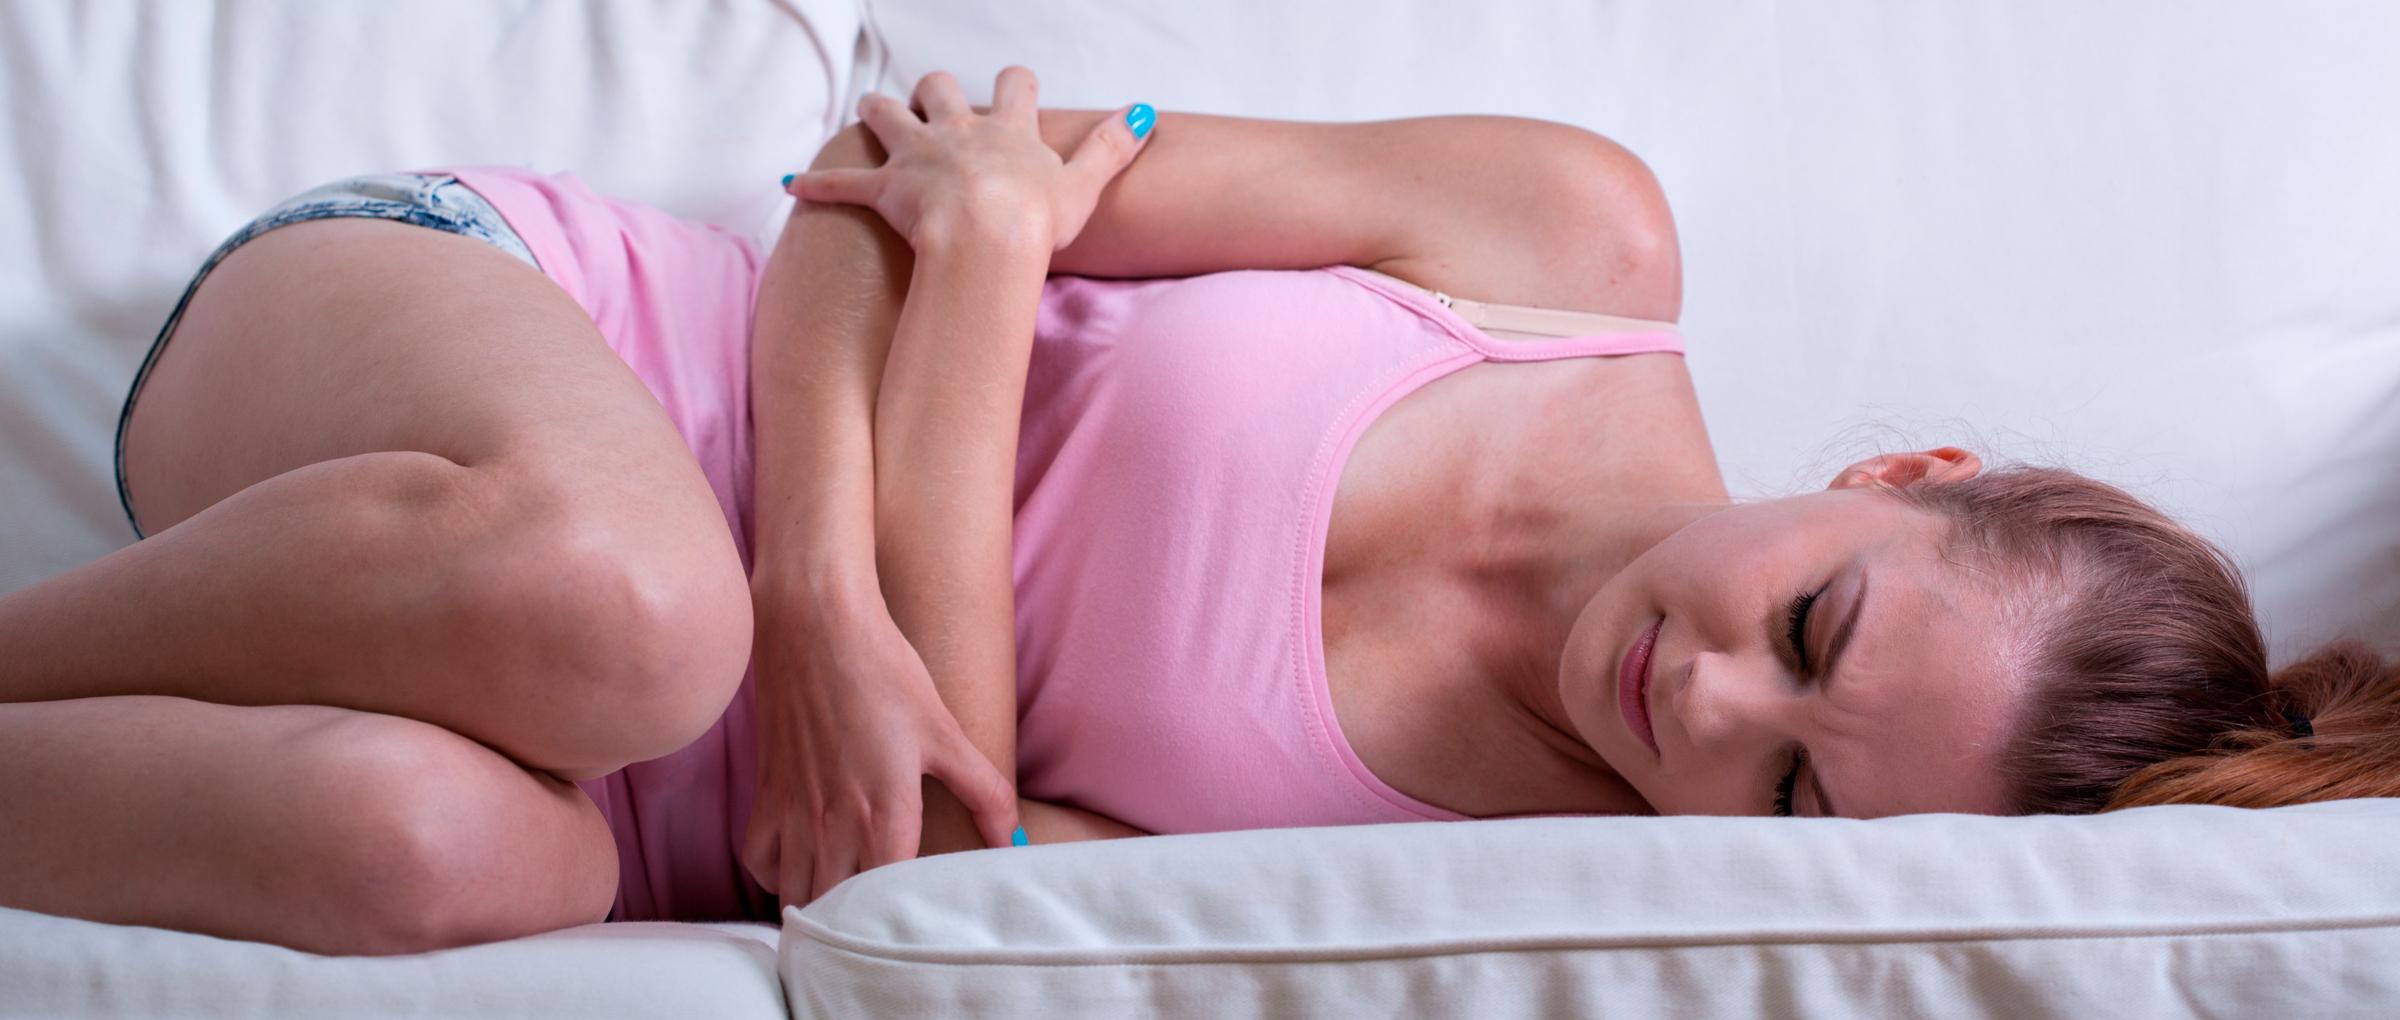 Dolor durante la menstruación por endometriosis